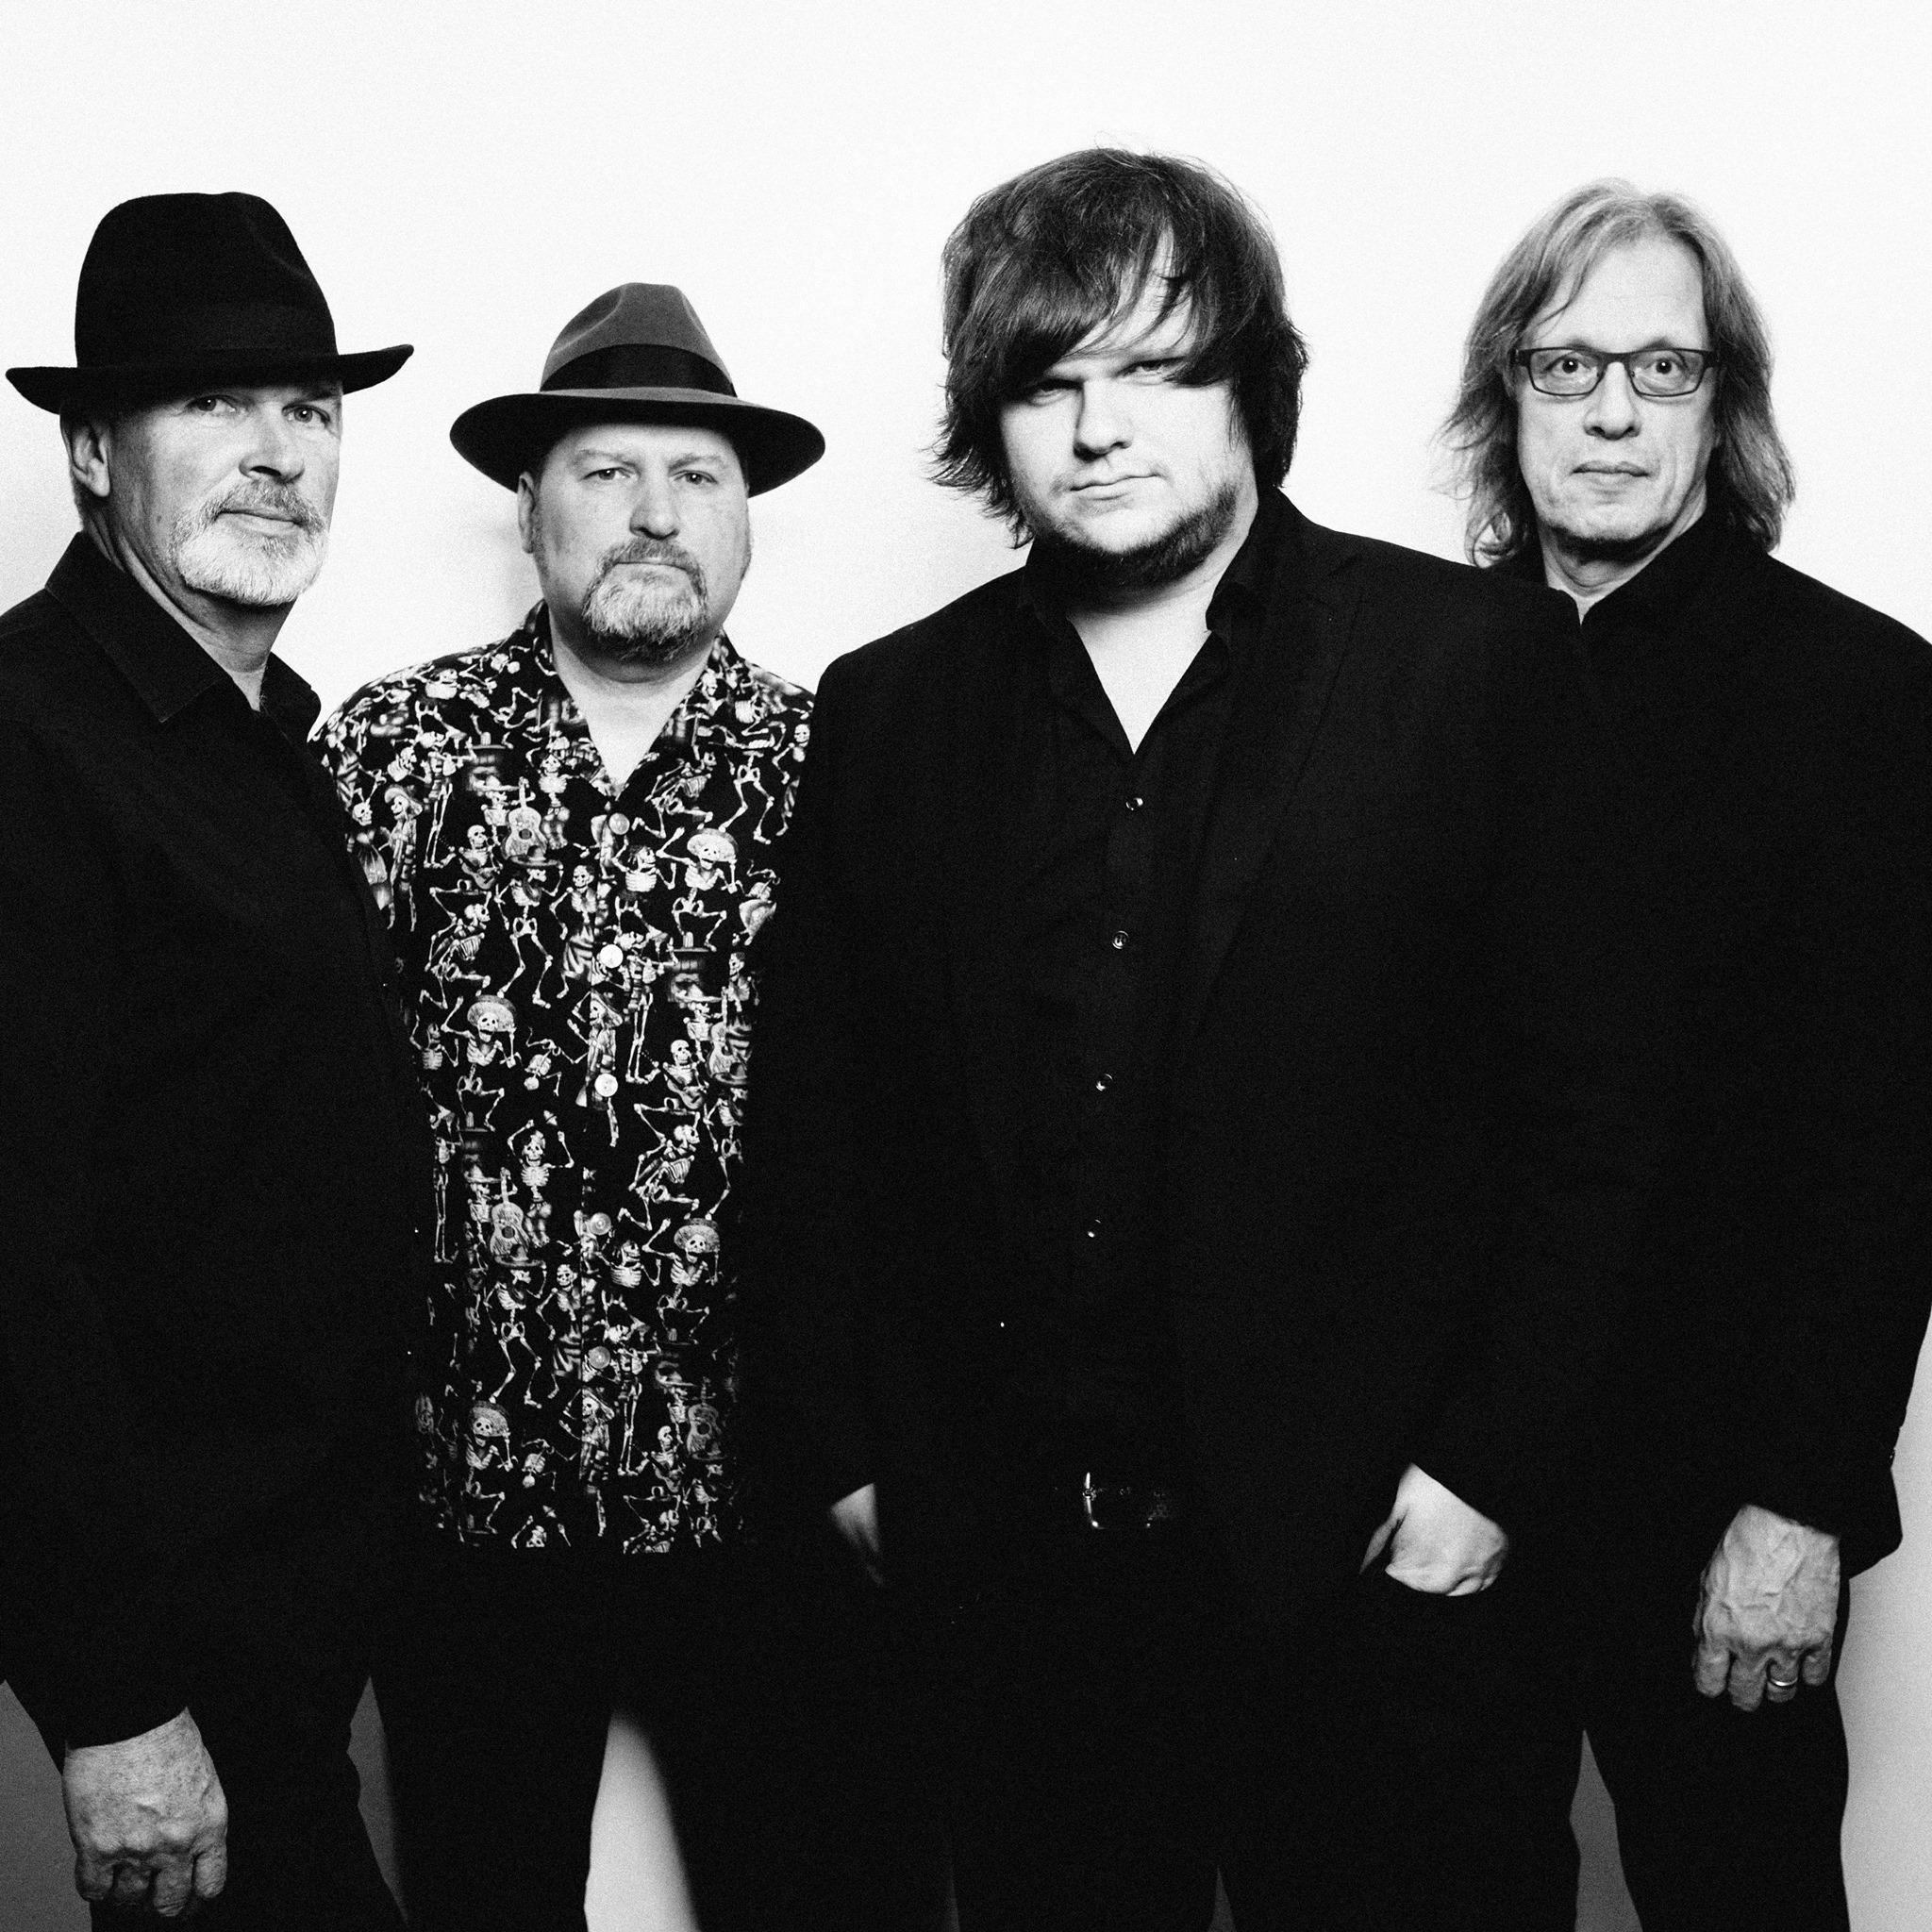 photo of Catfish blues band by Rob Blackham